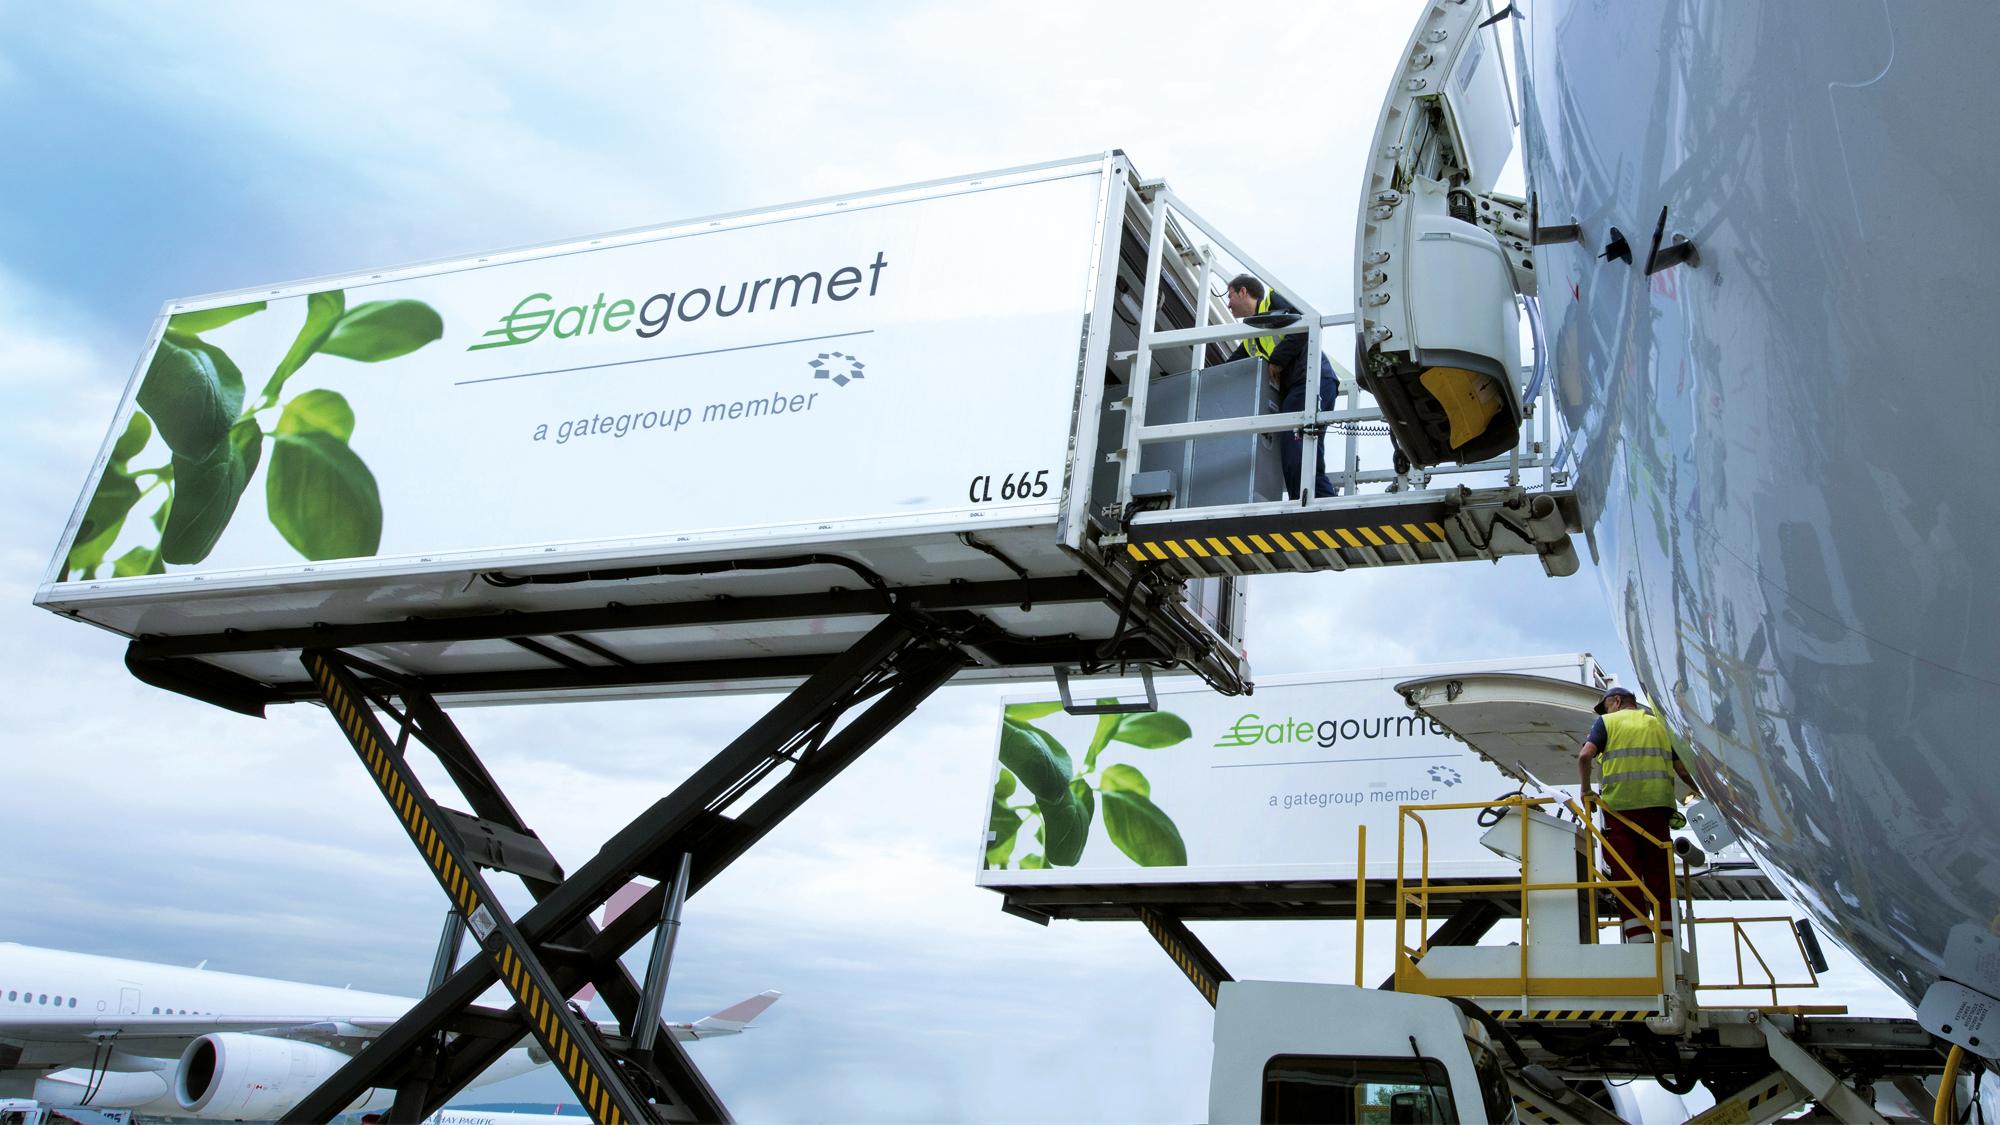 Gate Gourmet - Zurich Unit 22_WEB.jpg